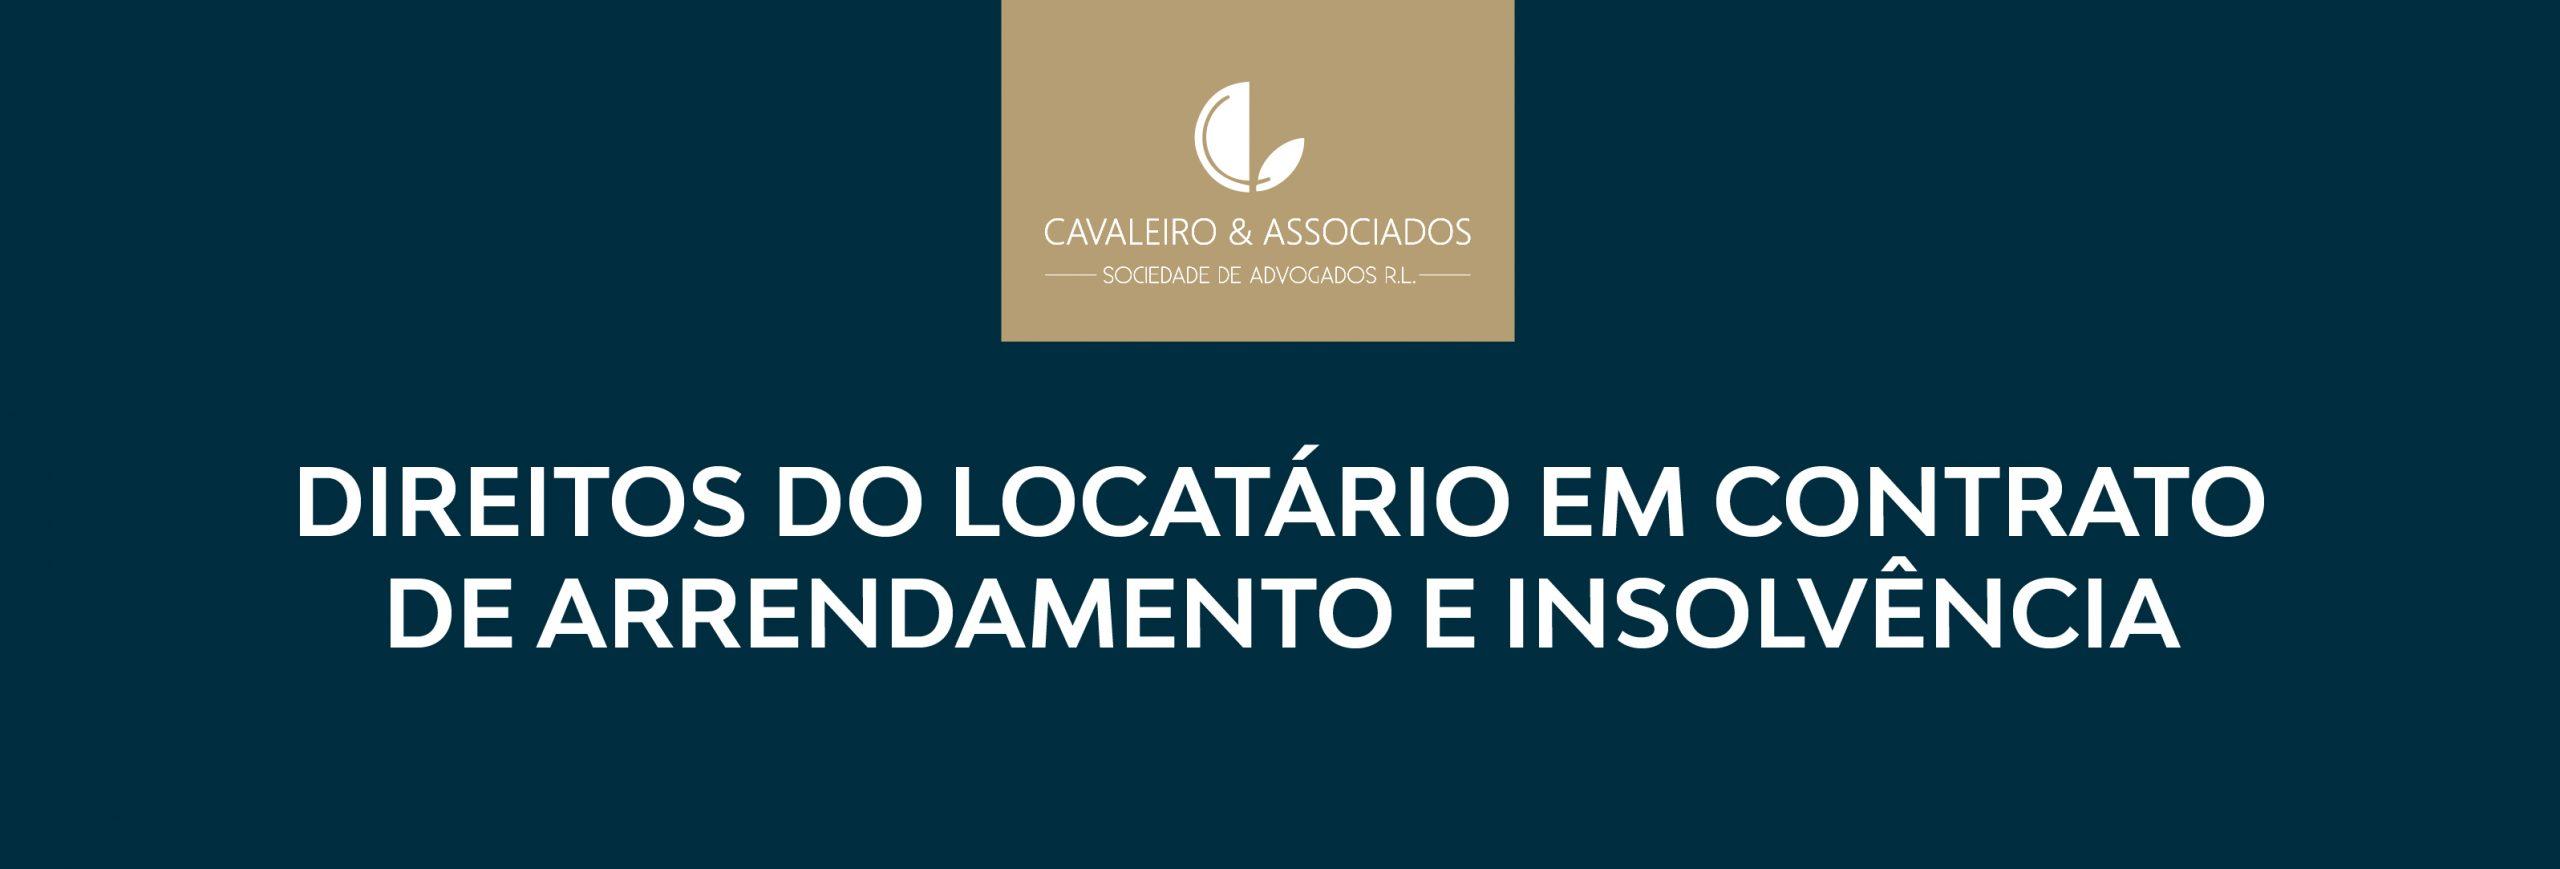 Direitos do Locatário em Contrato de Arrendamento e Insolvência